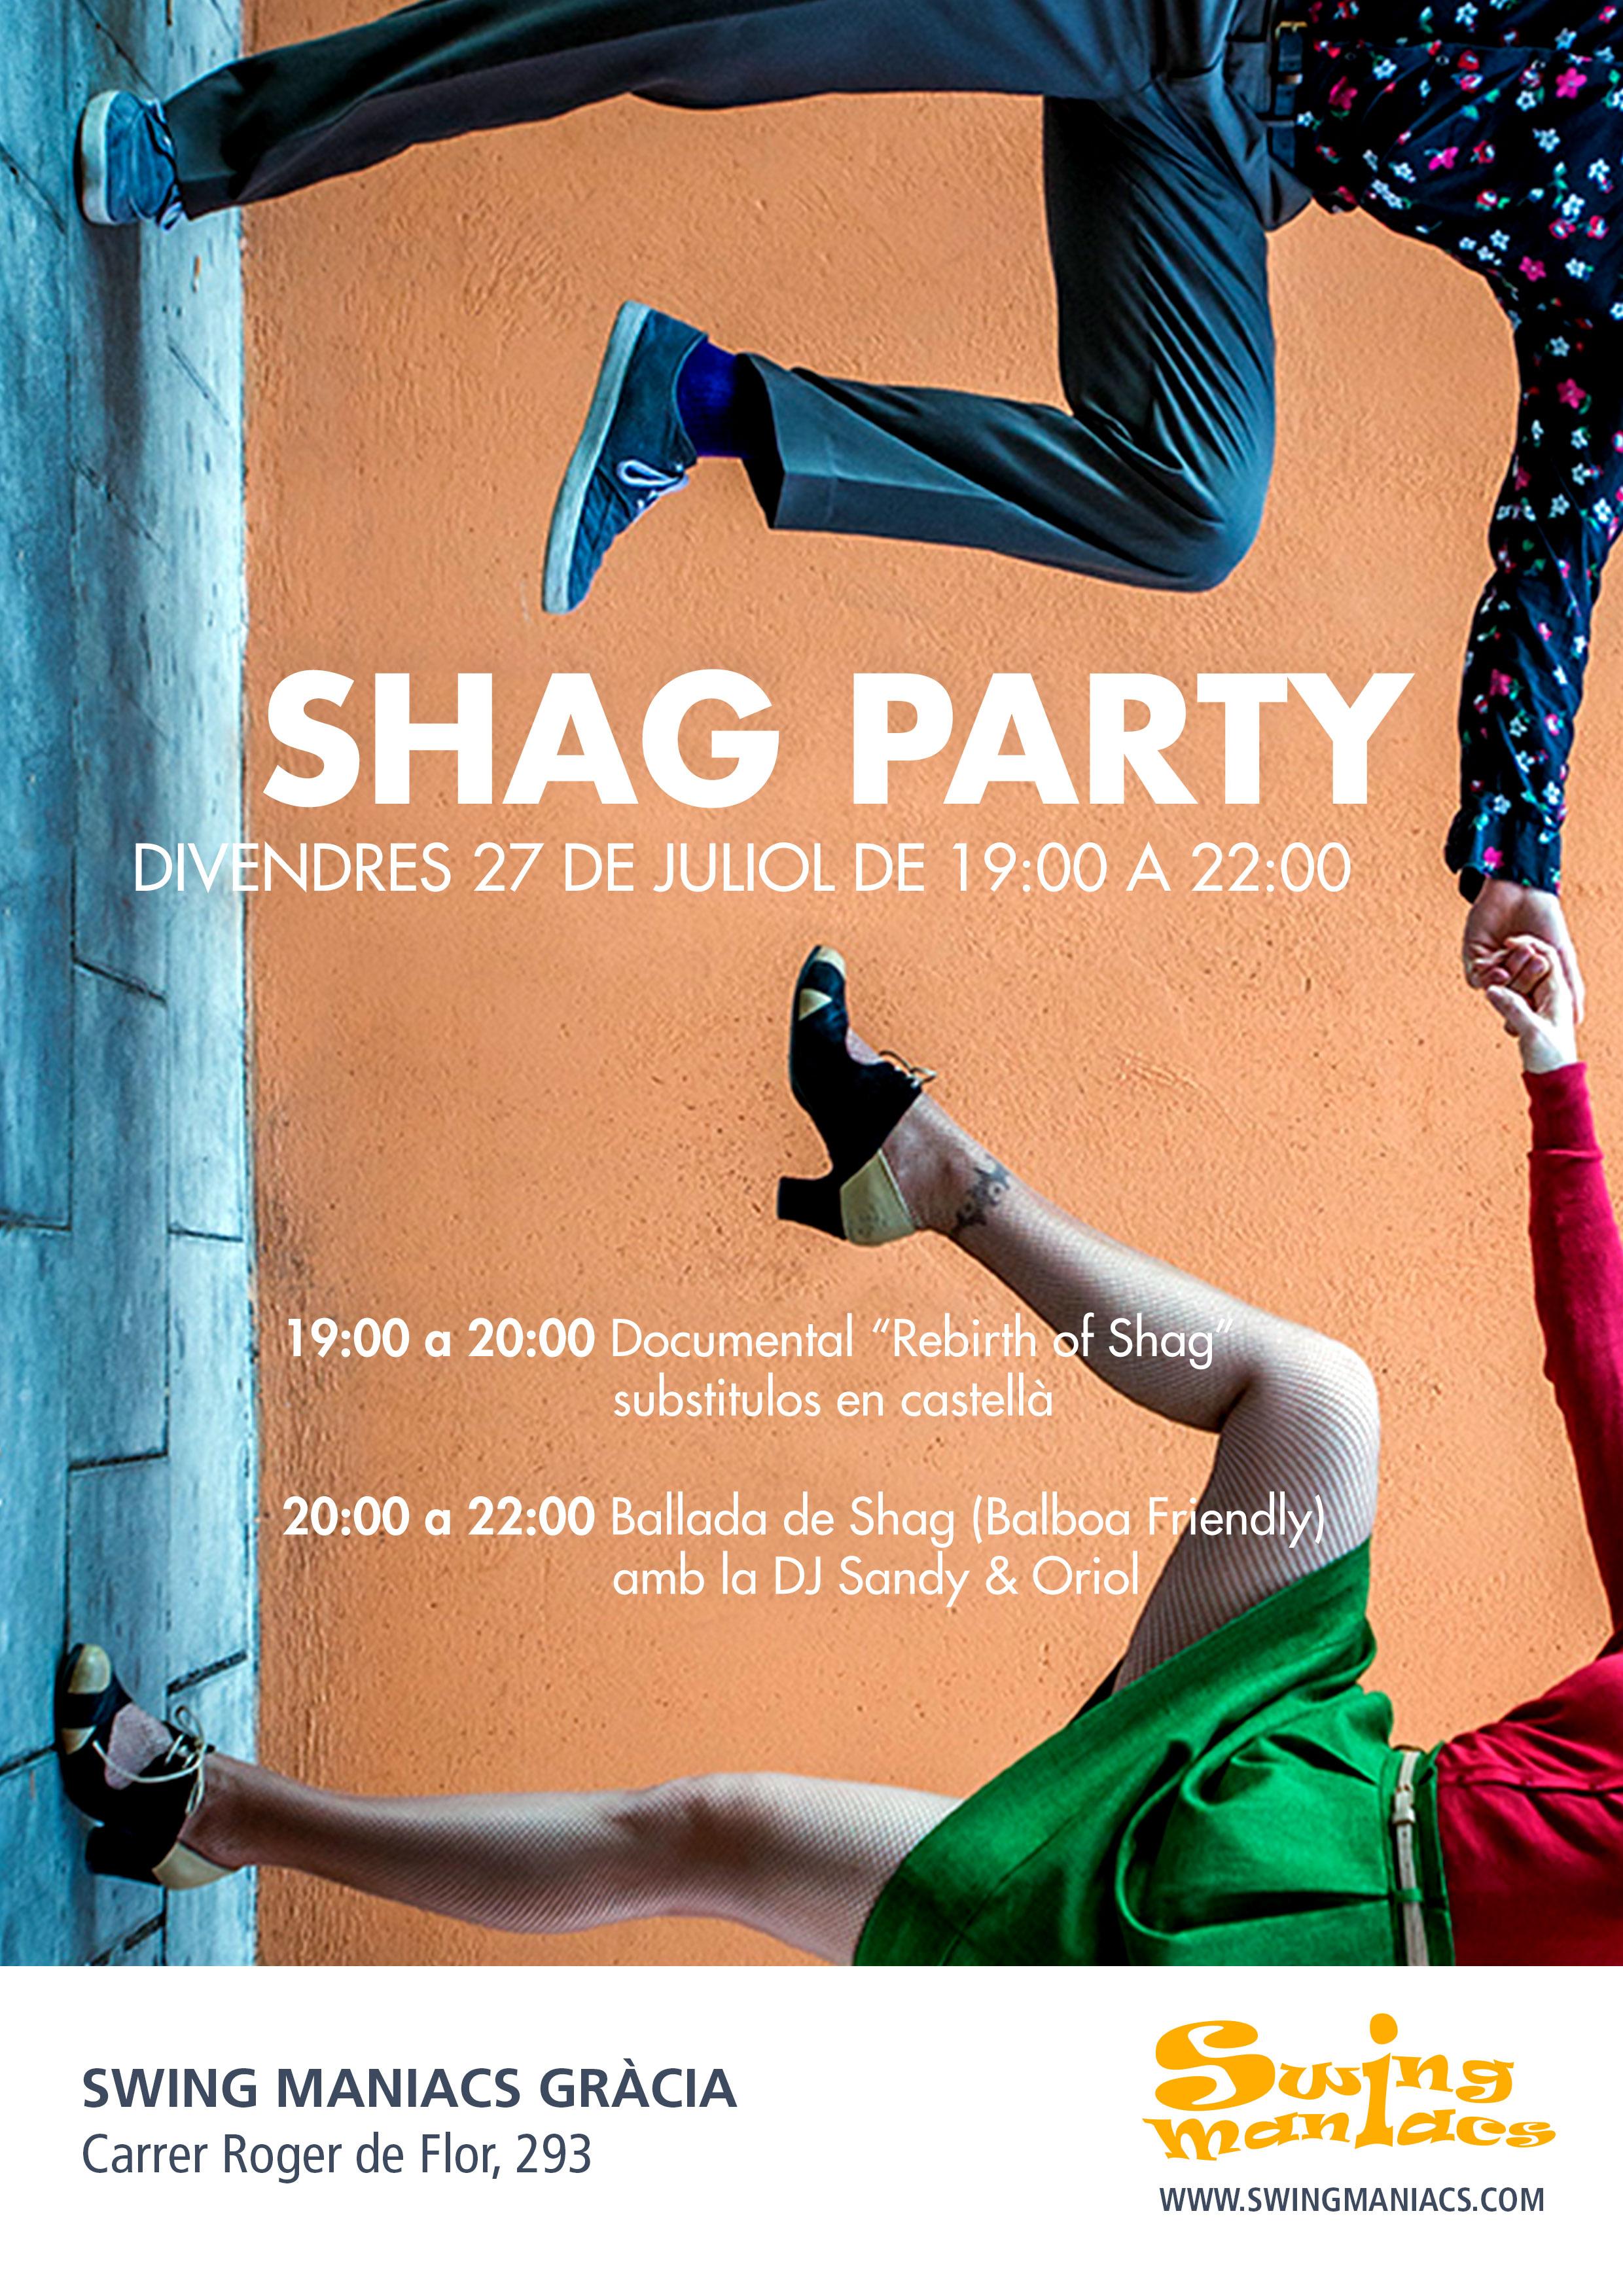 Shag Party!